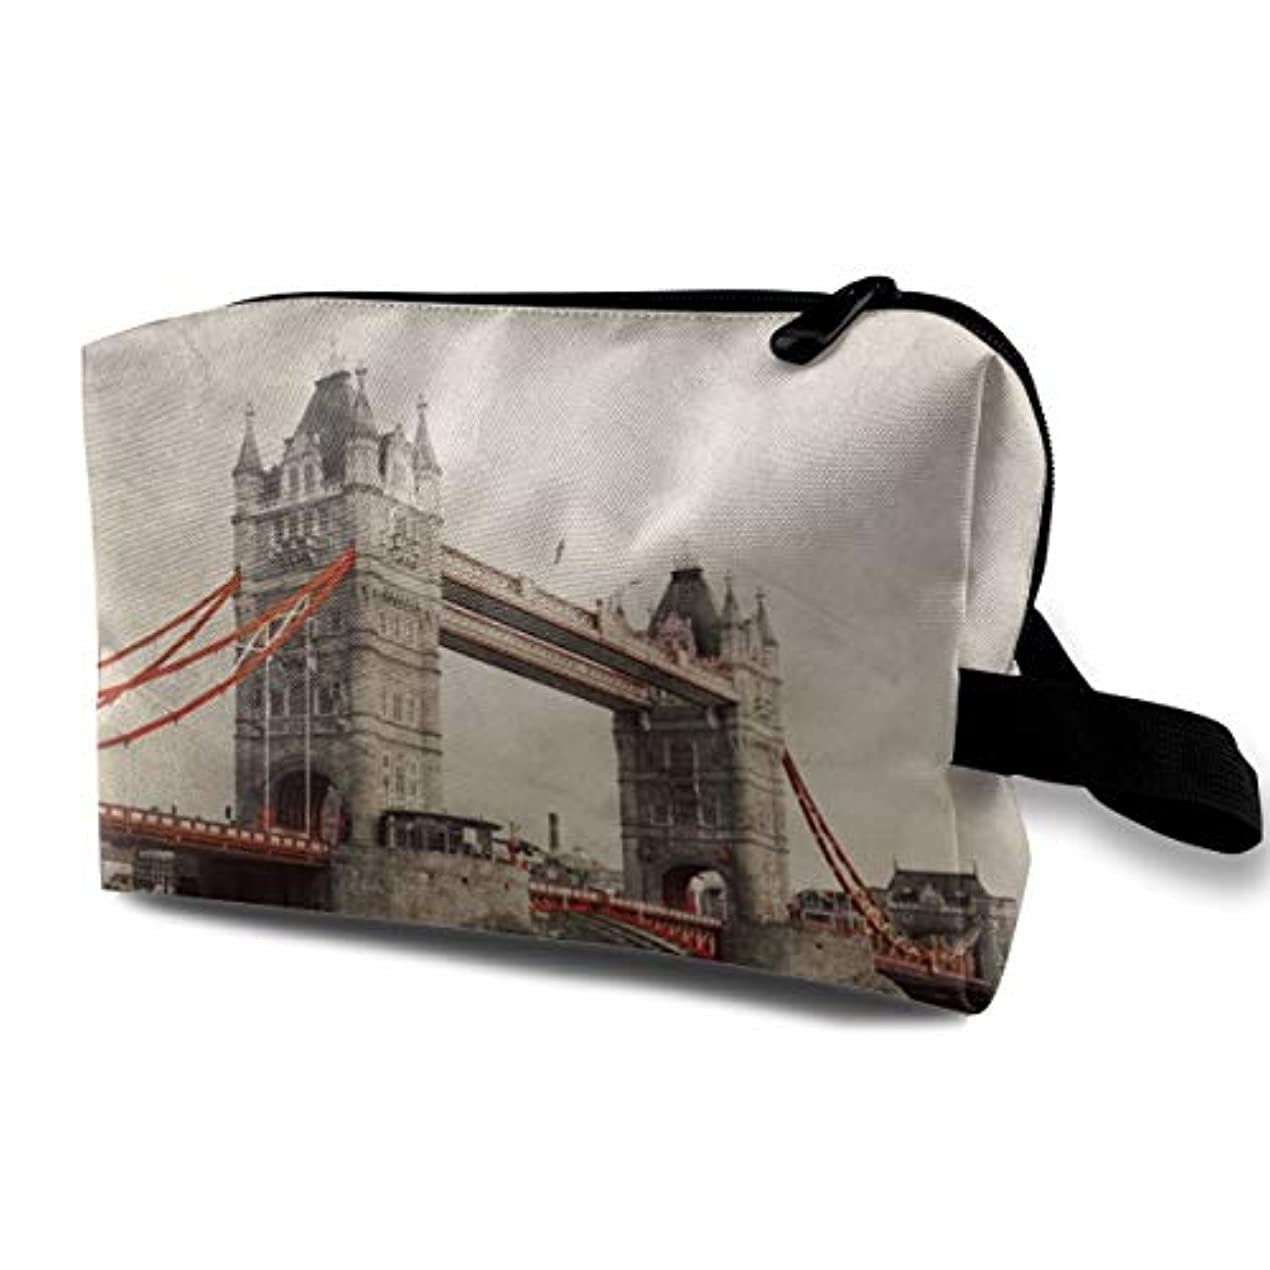 そこからモート大工Tower Bridge In London 収納ポーチ 化粧ポーチ 大容量 軽量 耐久性 ハンドル付持ち運び便利。入れ 自宅?出張?旅行?アウトドア撮影などに対応。メンズ レディース トラベルグッズ